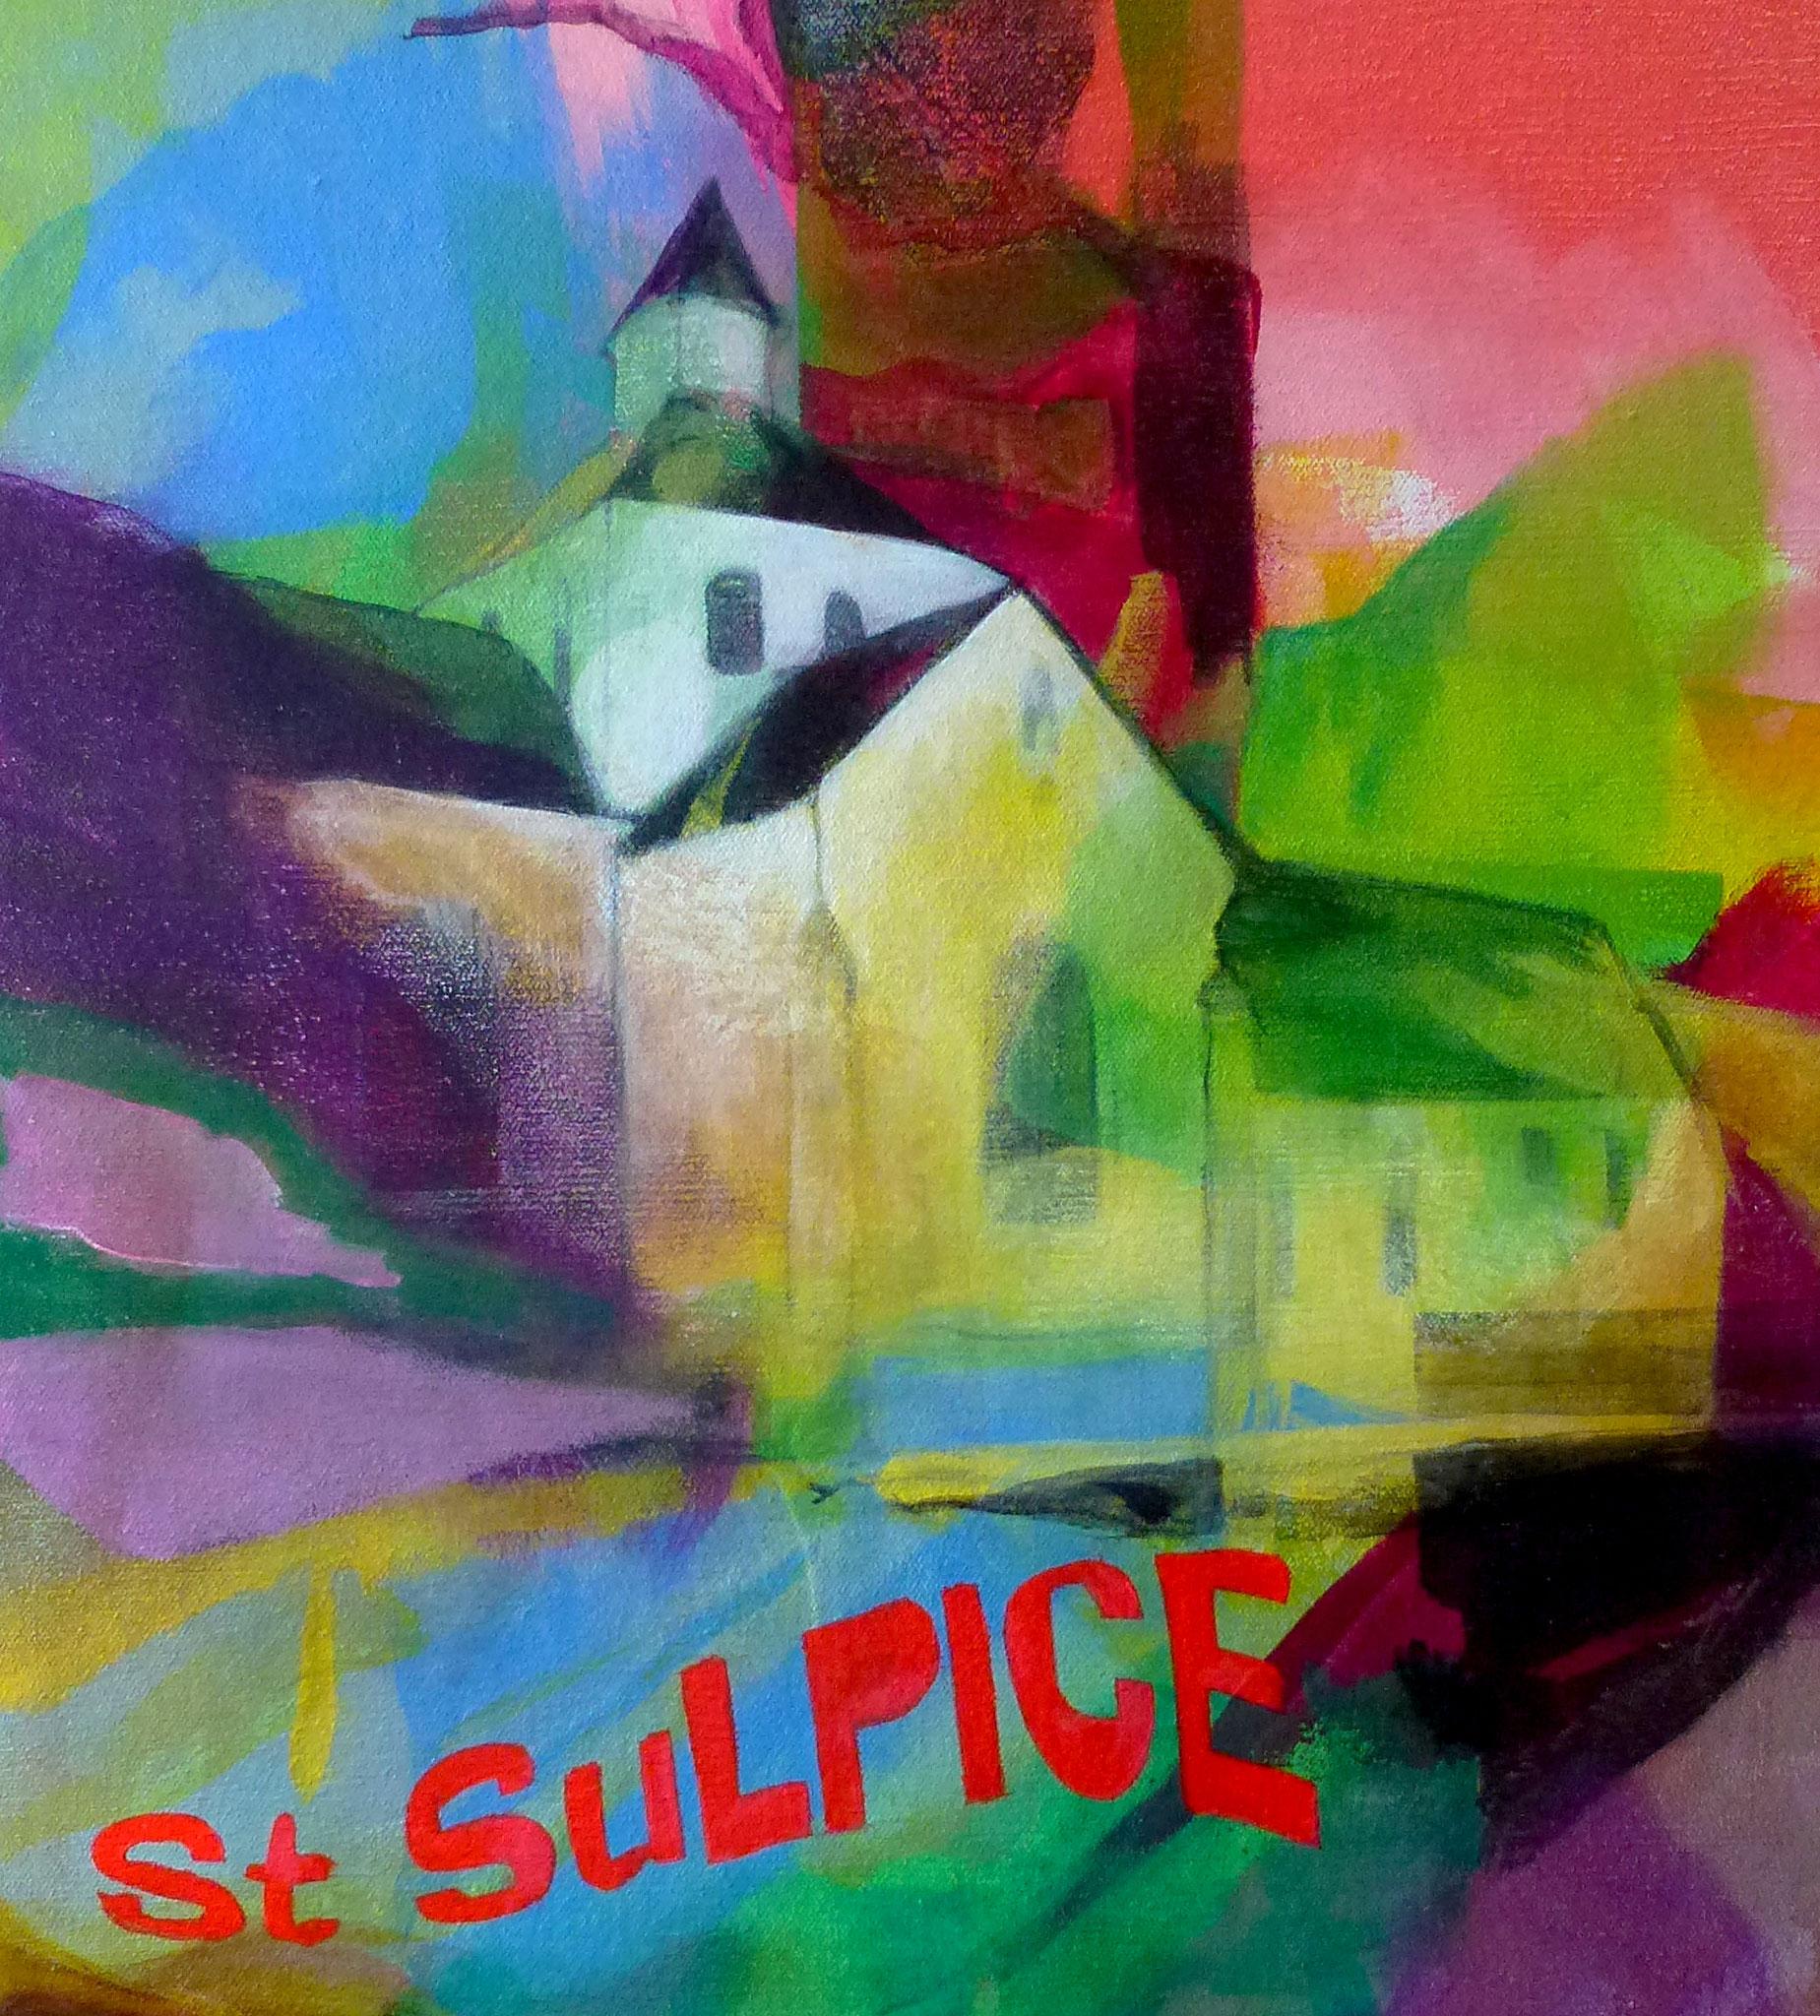 Saint Sulpice - Acrylique sur toile - Victoria NILS